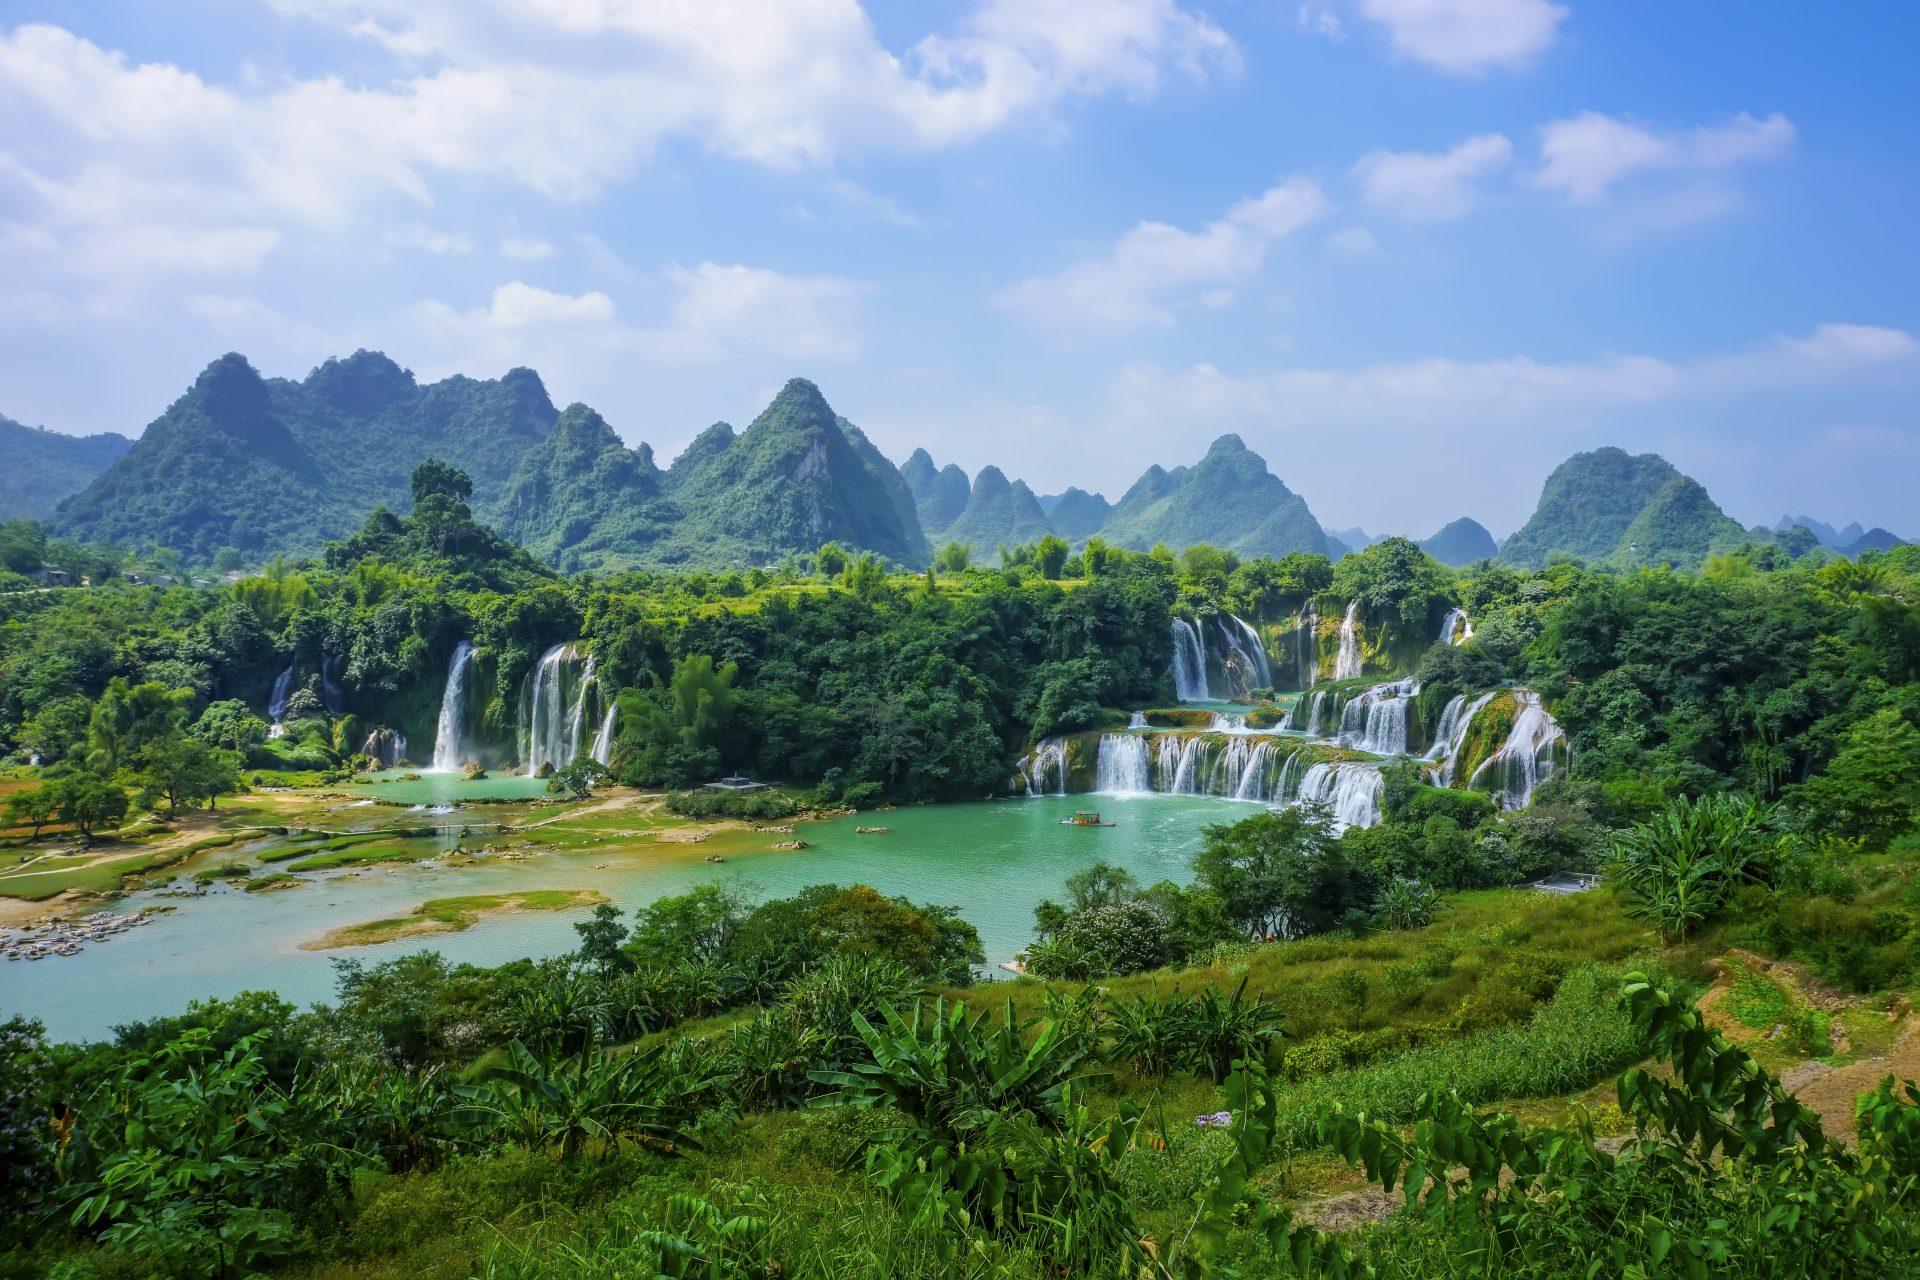 wet-vietnam-mountain-flow-stream-rural